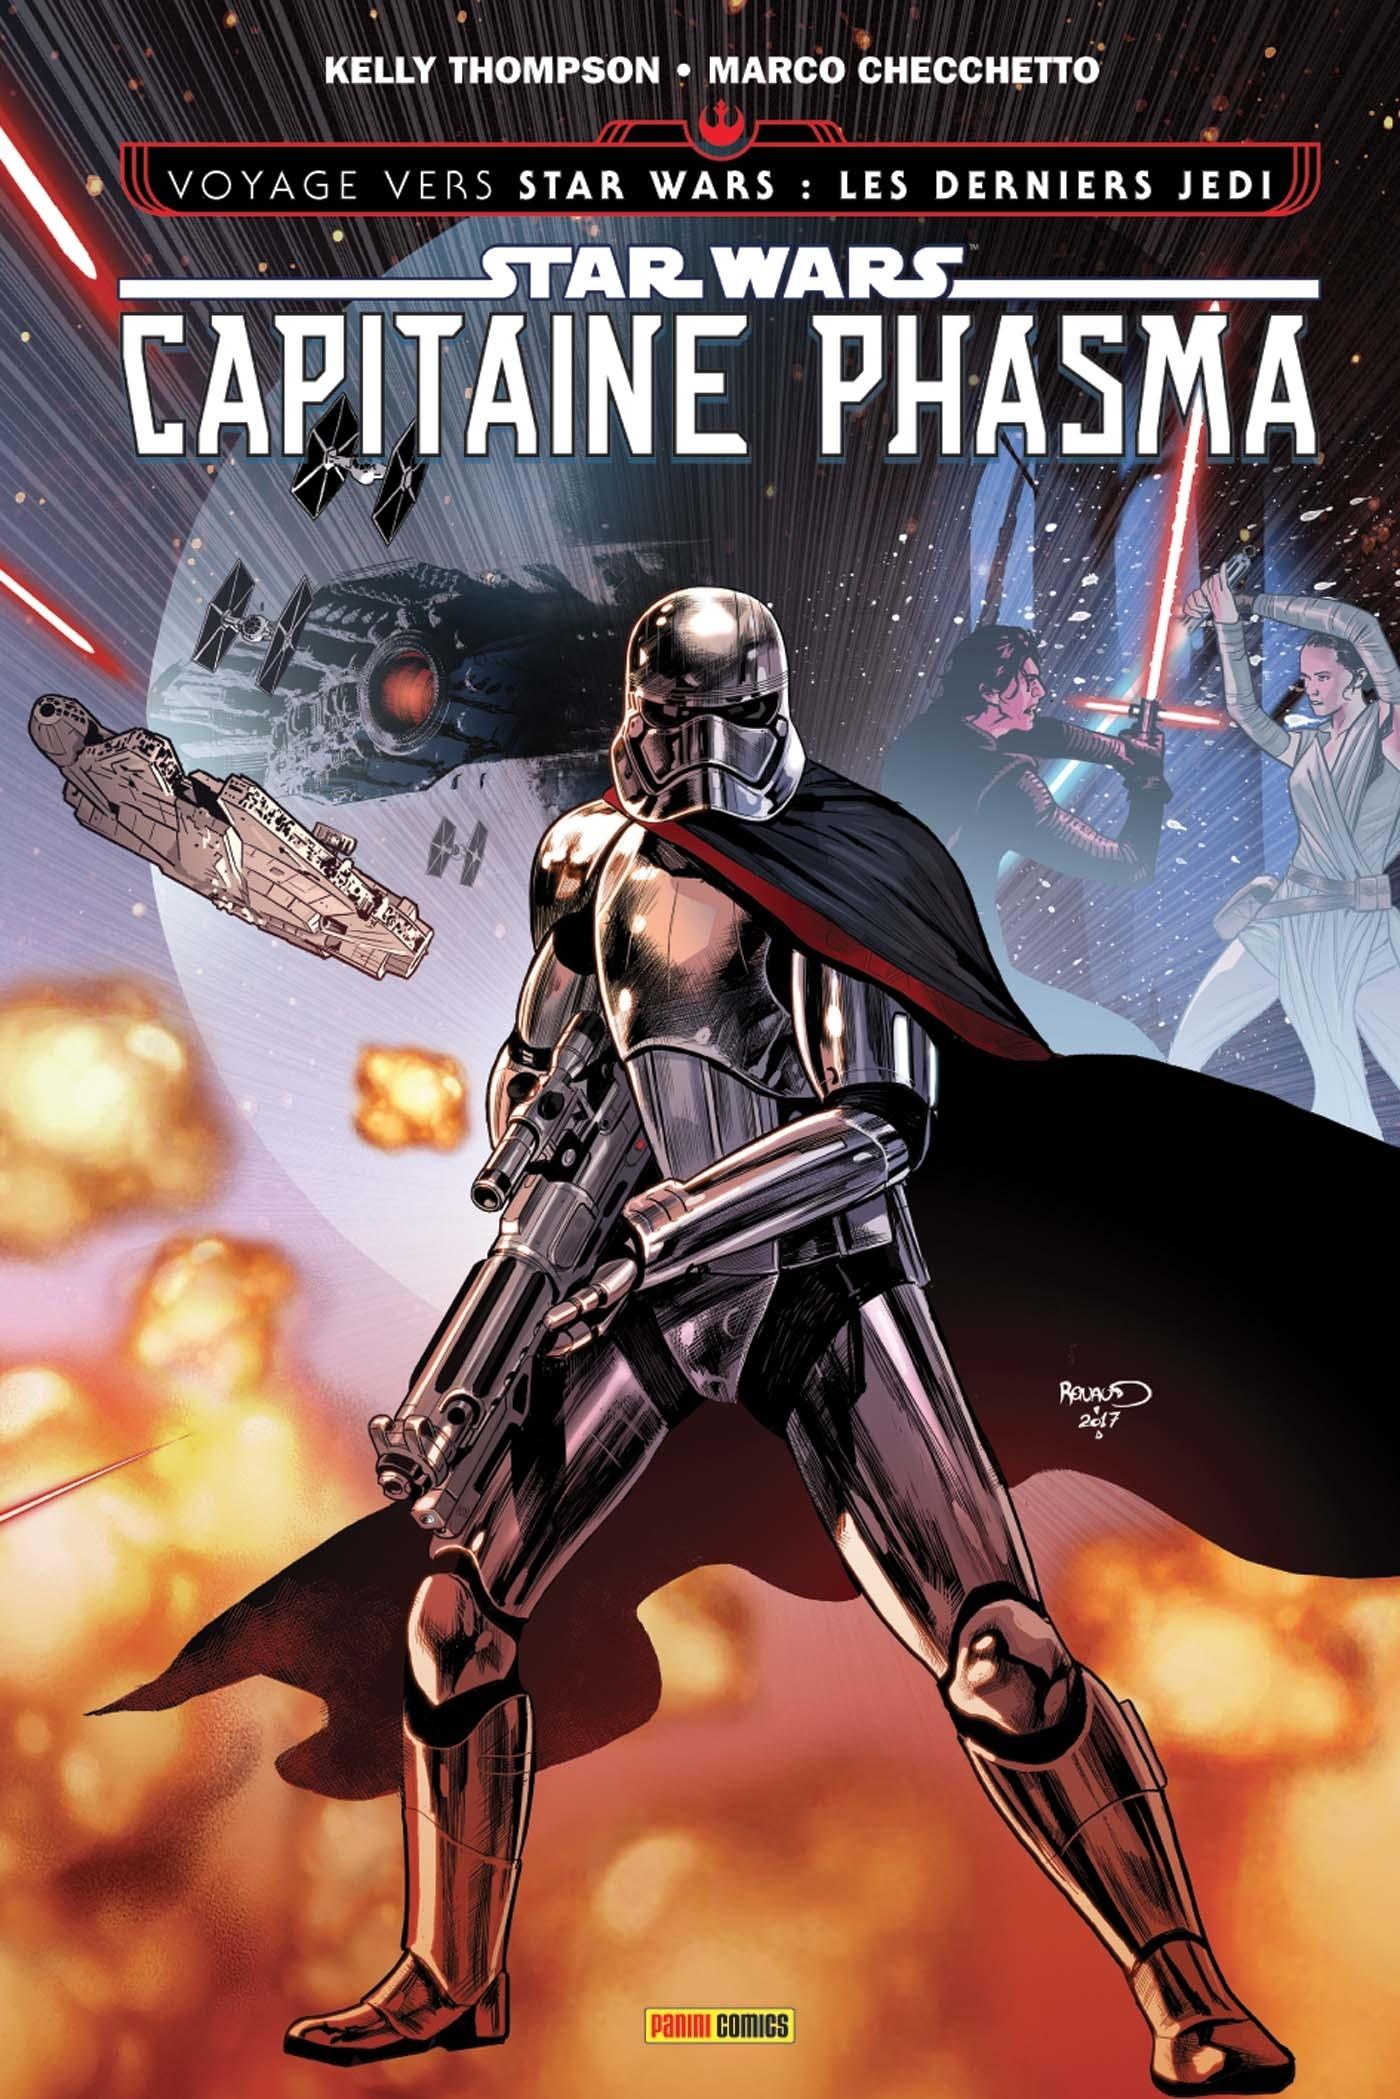 STAR WARS : CAPTAIN PHASMA